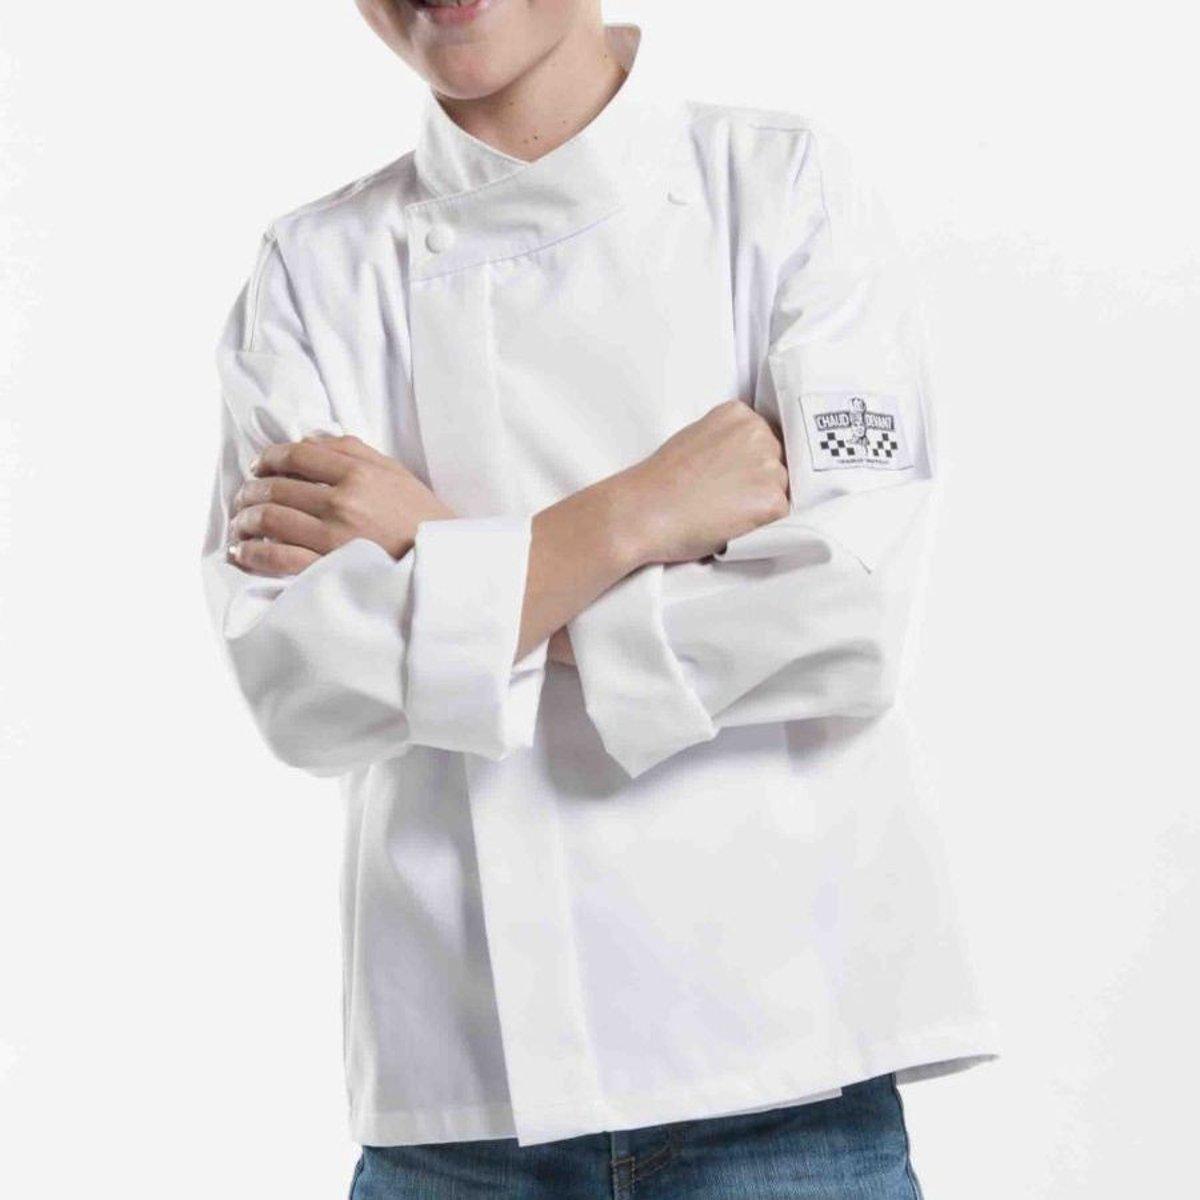 Chaud Devant - Chef Jasje - Koksbuis voor kinderen - Wit - 92-98 = 1-2 jaar kopen